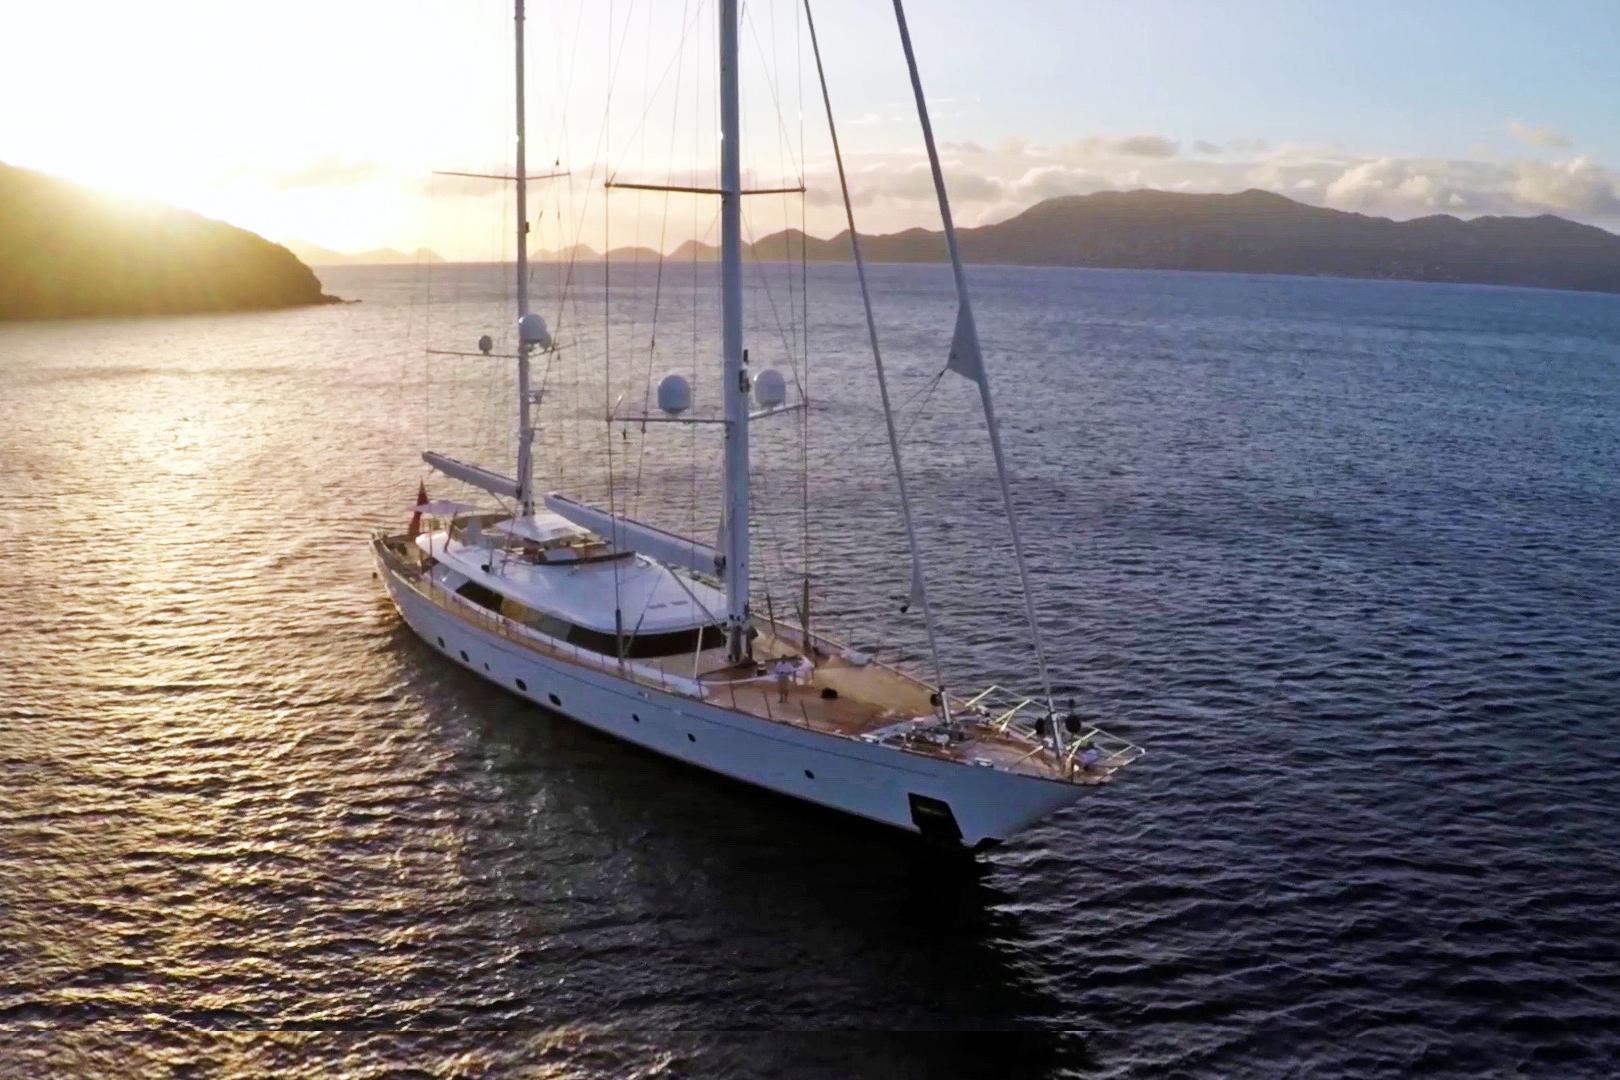 sailing-gallery-add-5.jpg